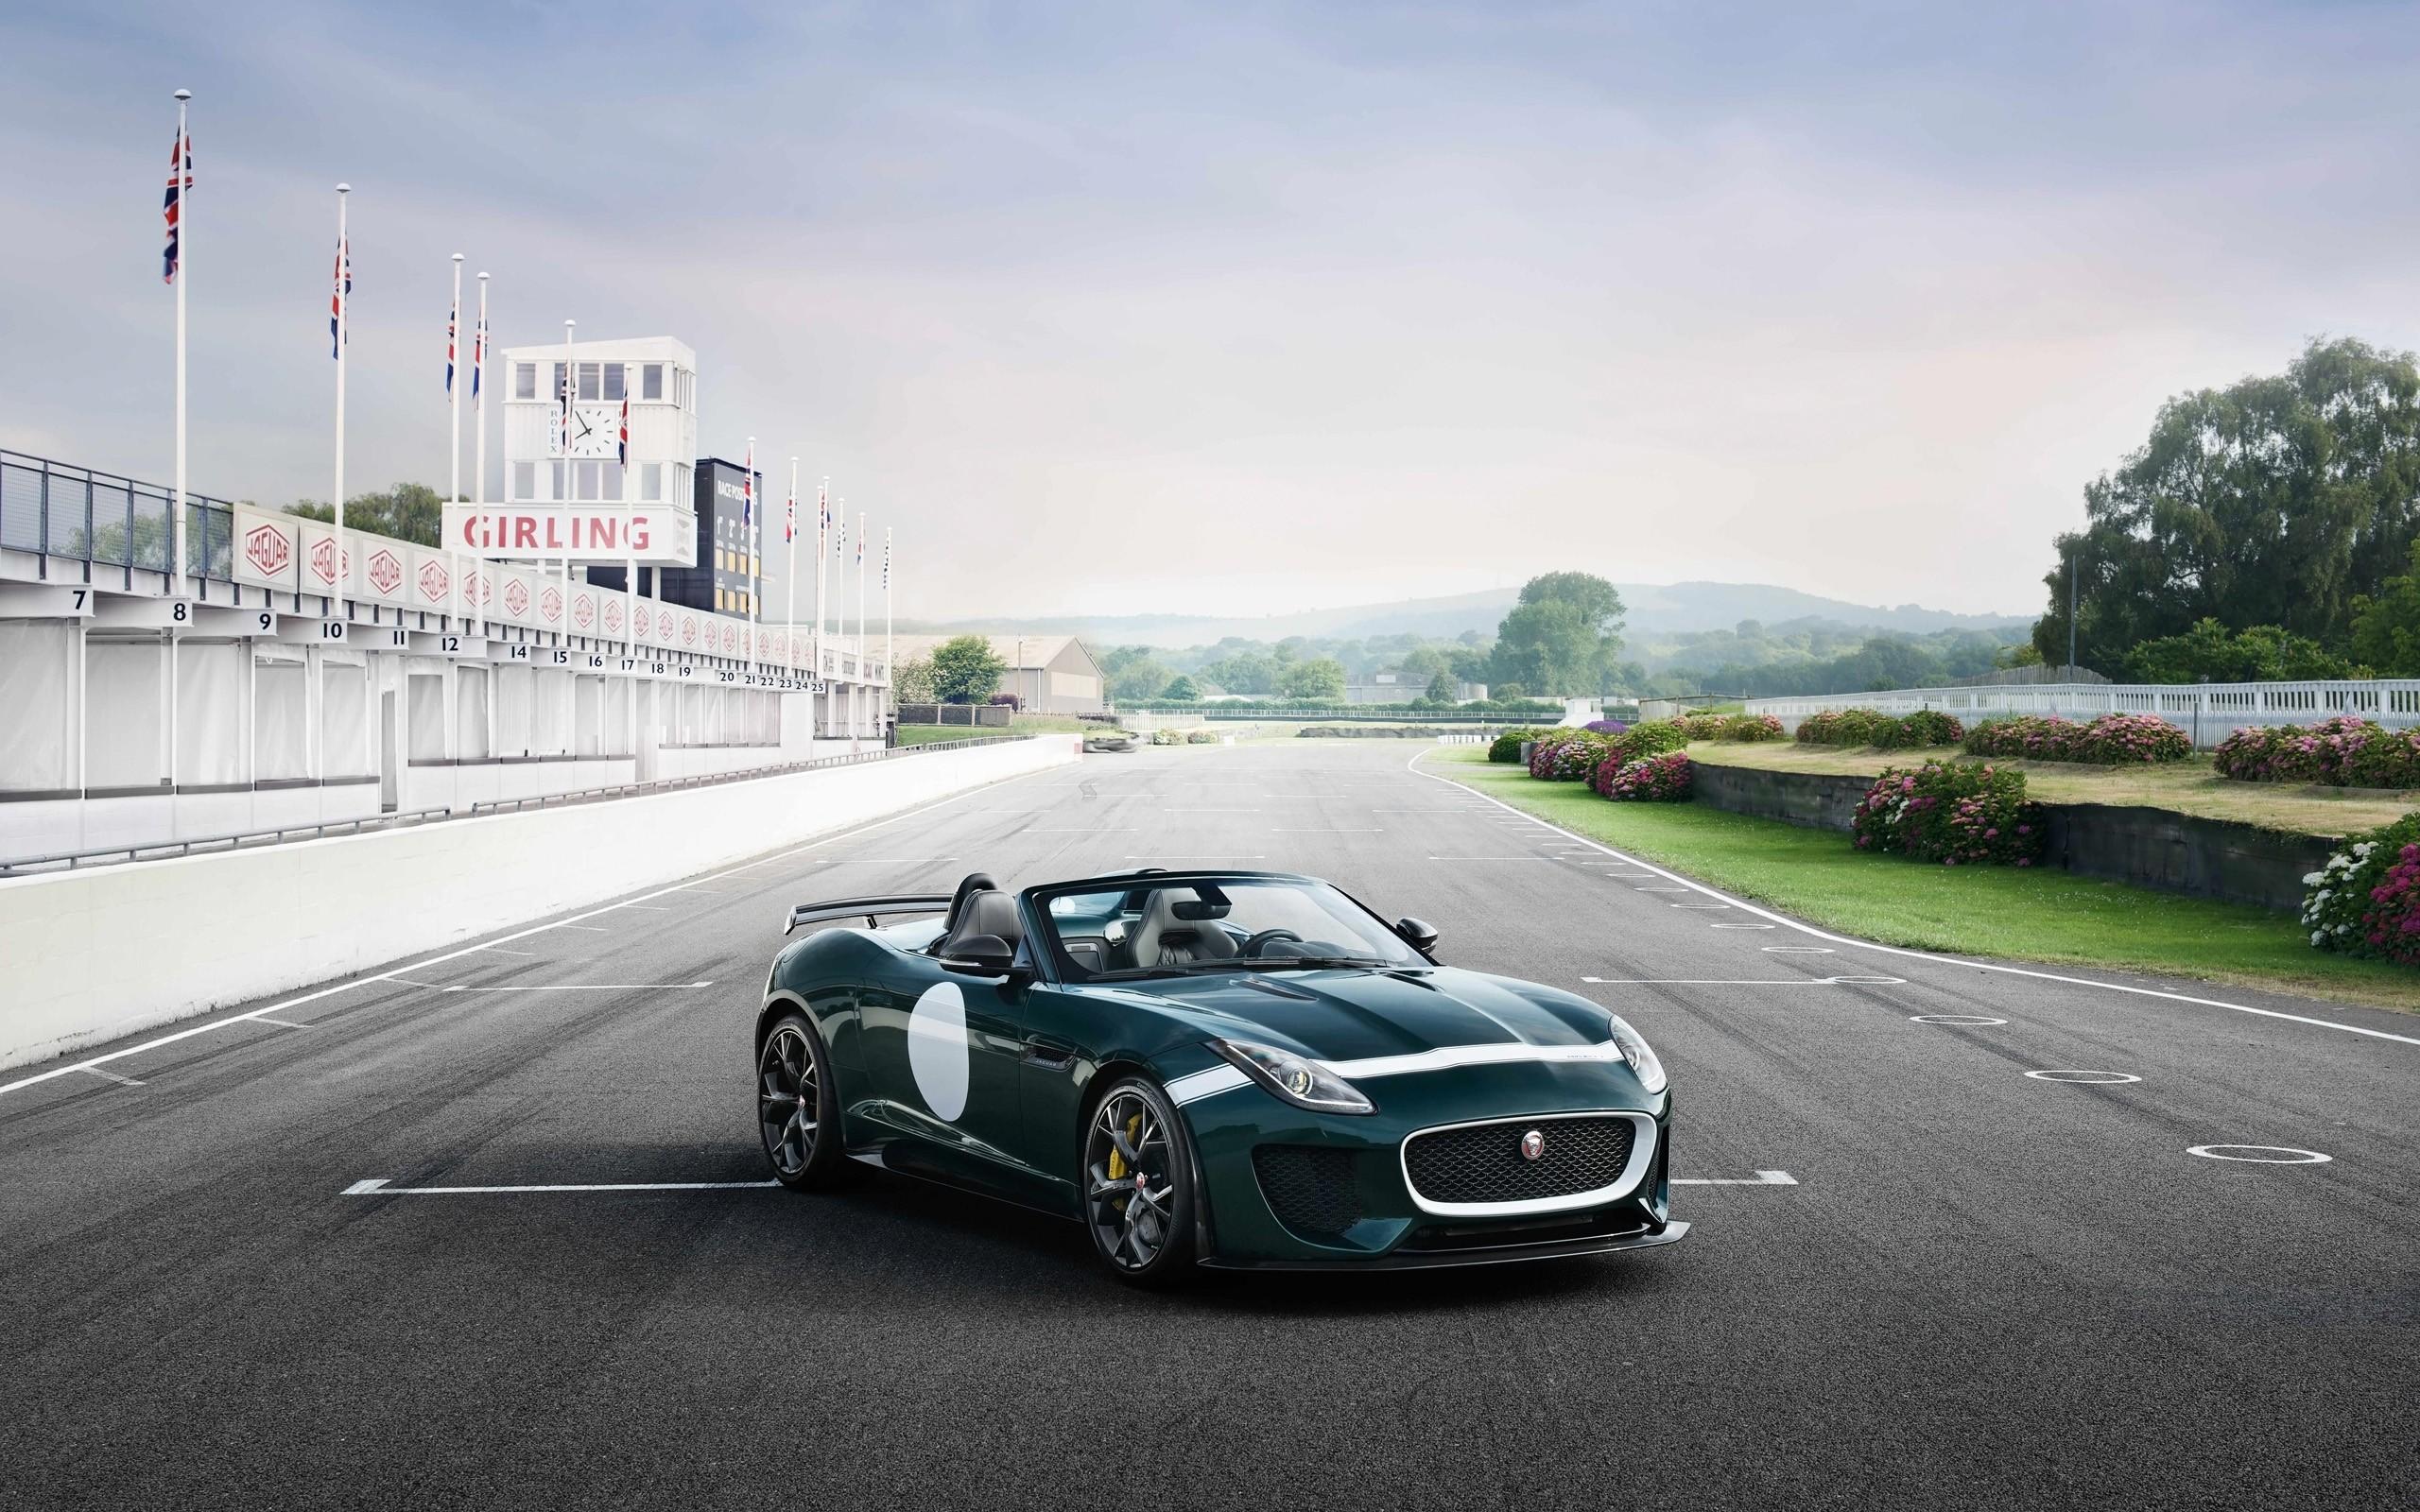 2015 Jaguar F Type Project 7 2 Wallpaper | HD Car ...